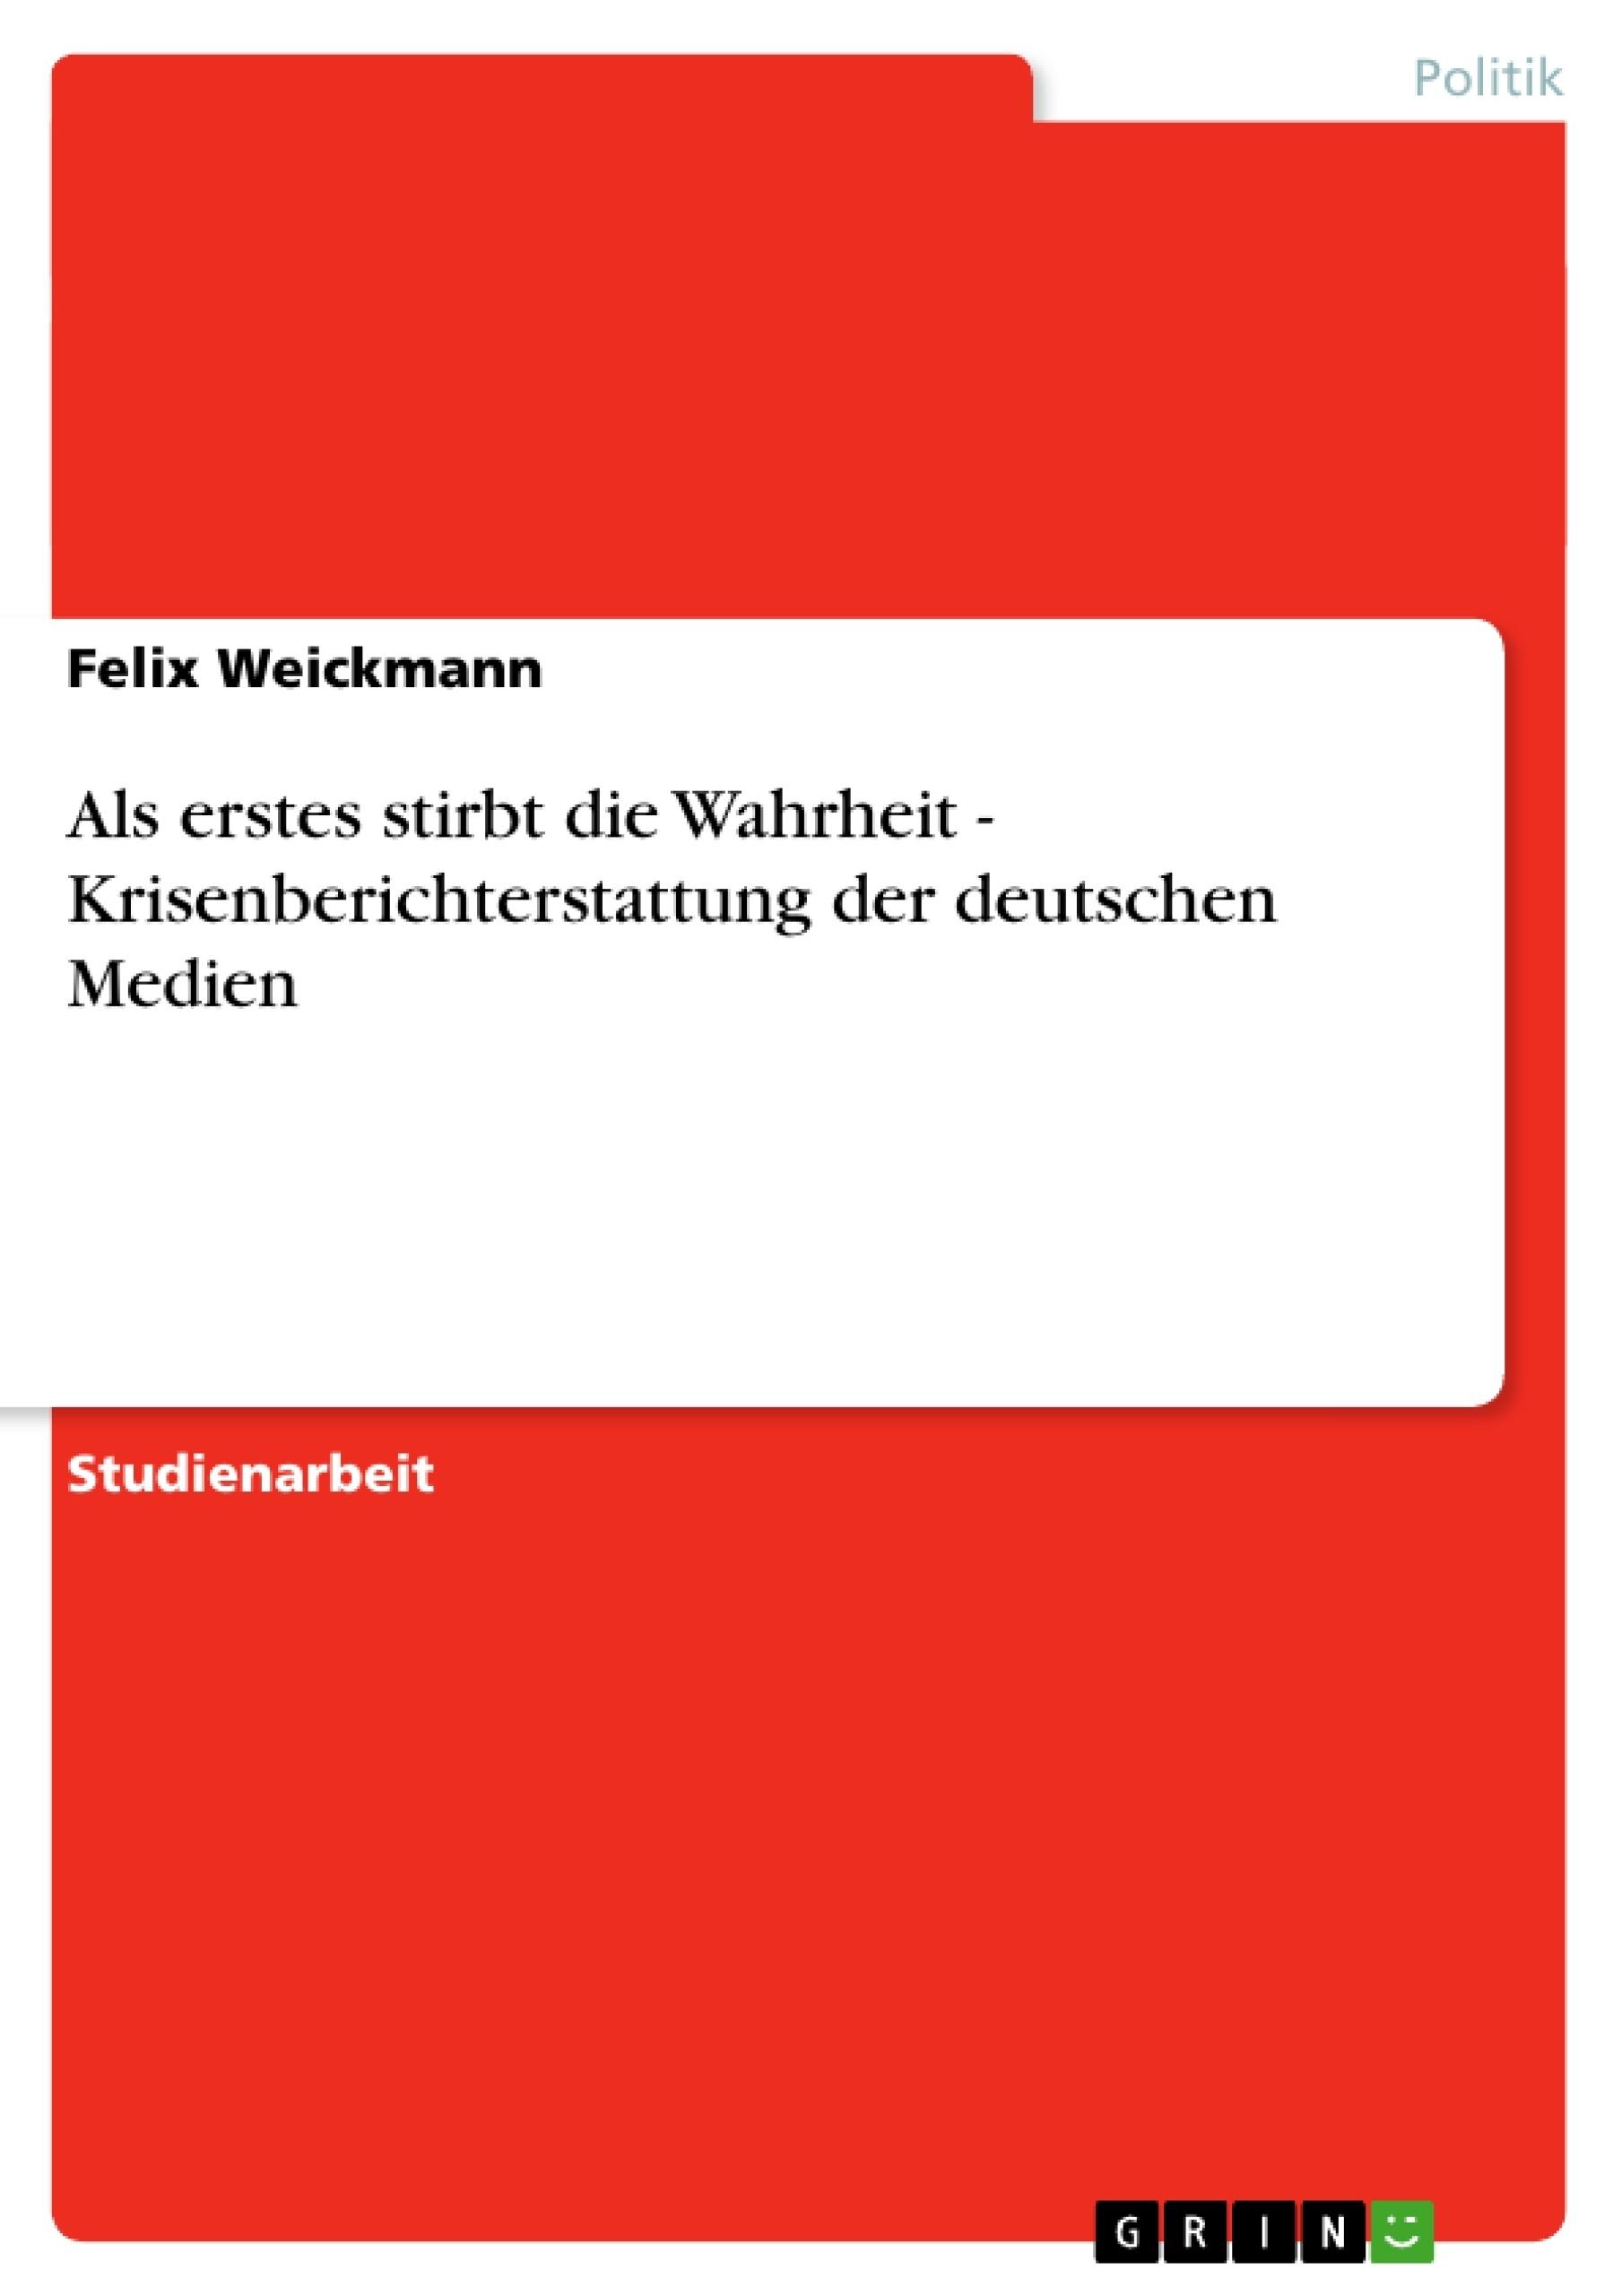 Titel: Als erstes stirbt die Wahrheit  -  Krisenberichterstattung der deutschen Medien